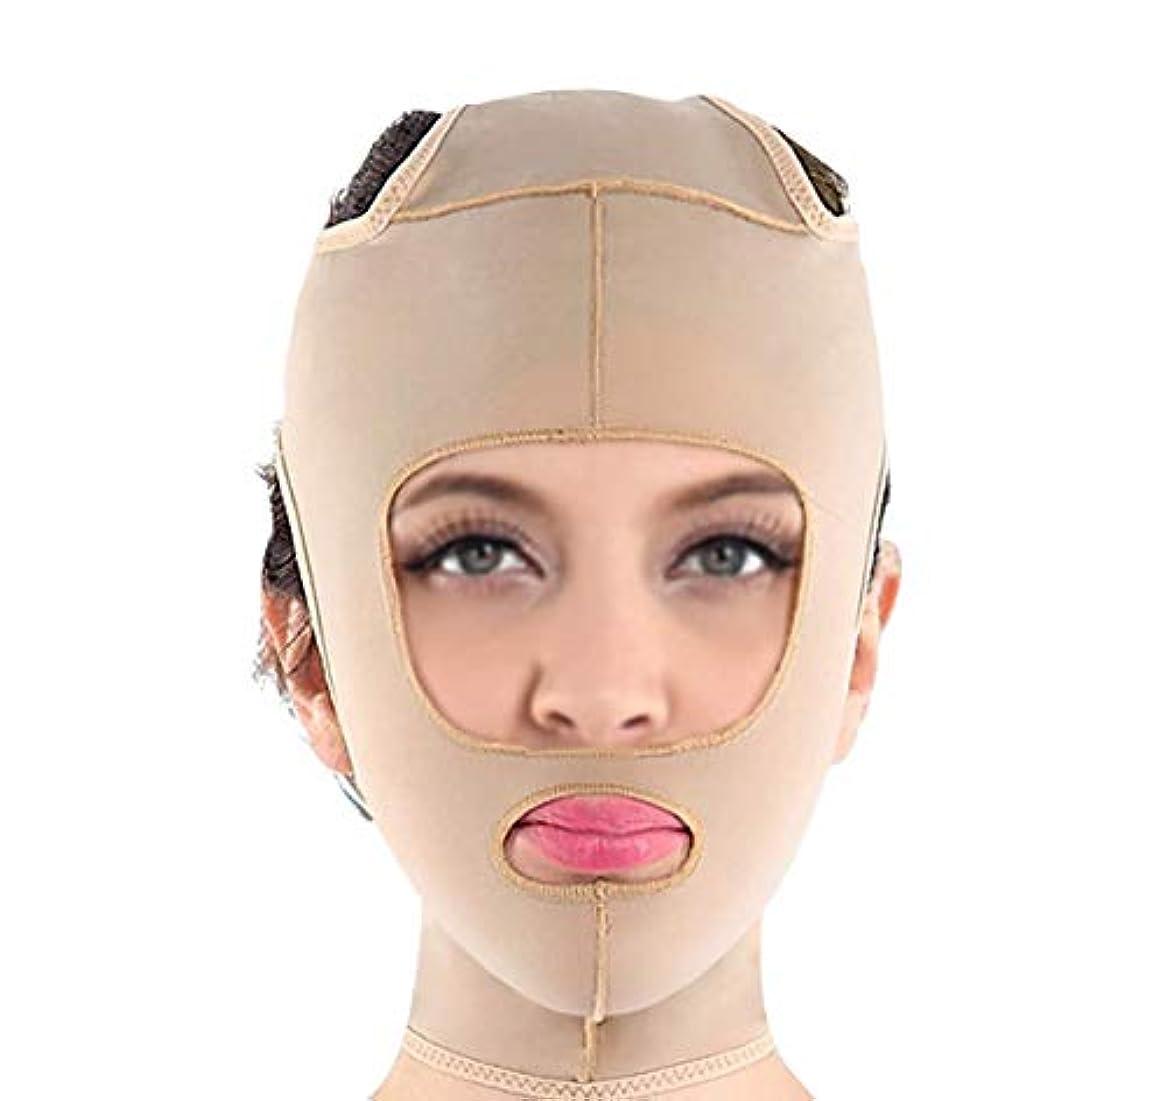 良性報告書腐食する包帯vフェイス楽器フェイスマスクマジックフェイスフェイシャル引き締めフェイシャルマッサージフェイシャルリンクルリフティング引き締めプラスチックマスク(サイズ:Xl),Xl